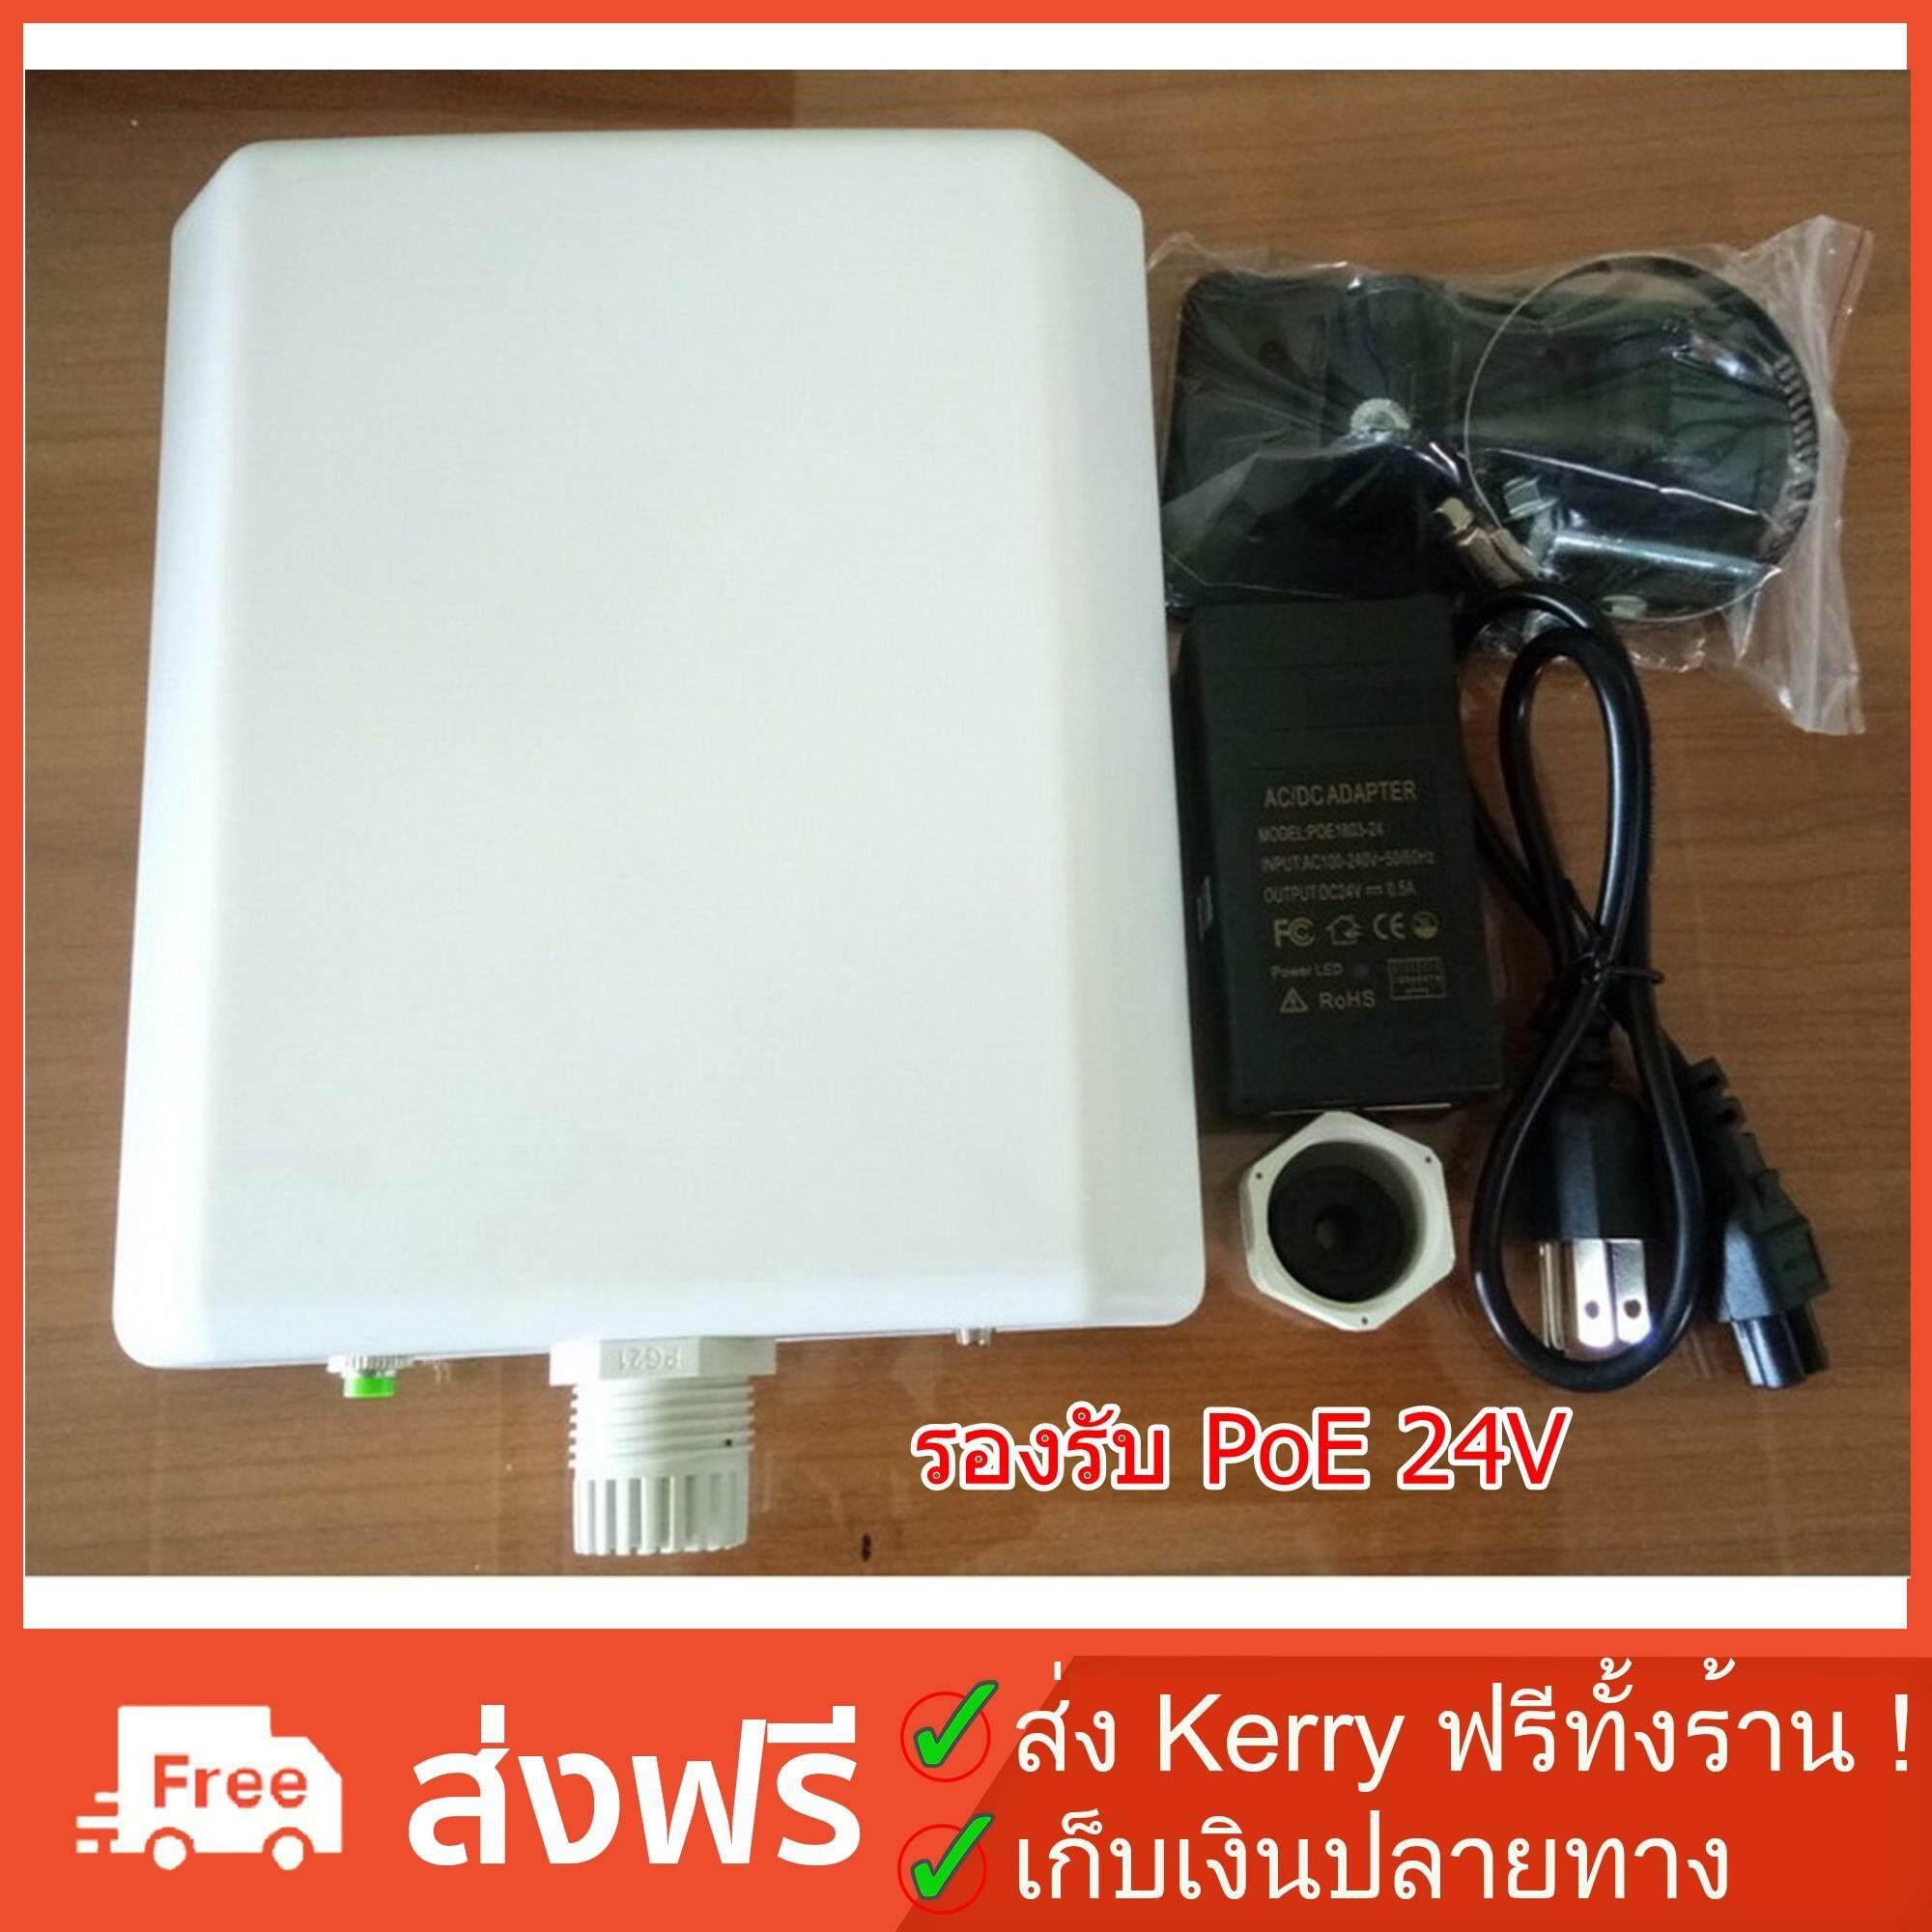 ขายดีมาก! ส่ง Kerry ฟรีทั้งร้าน !! CPE UBNT จีน Fw. Bullet M2 2.4Ghz / AirMax / PoE 24V  เลือกระยะรับประกันได้